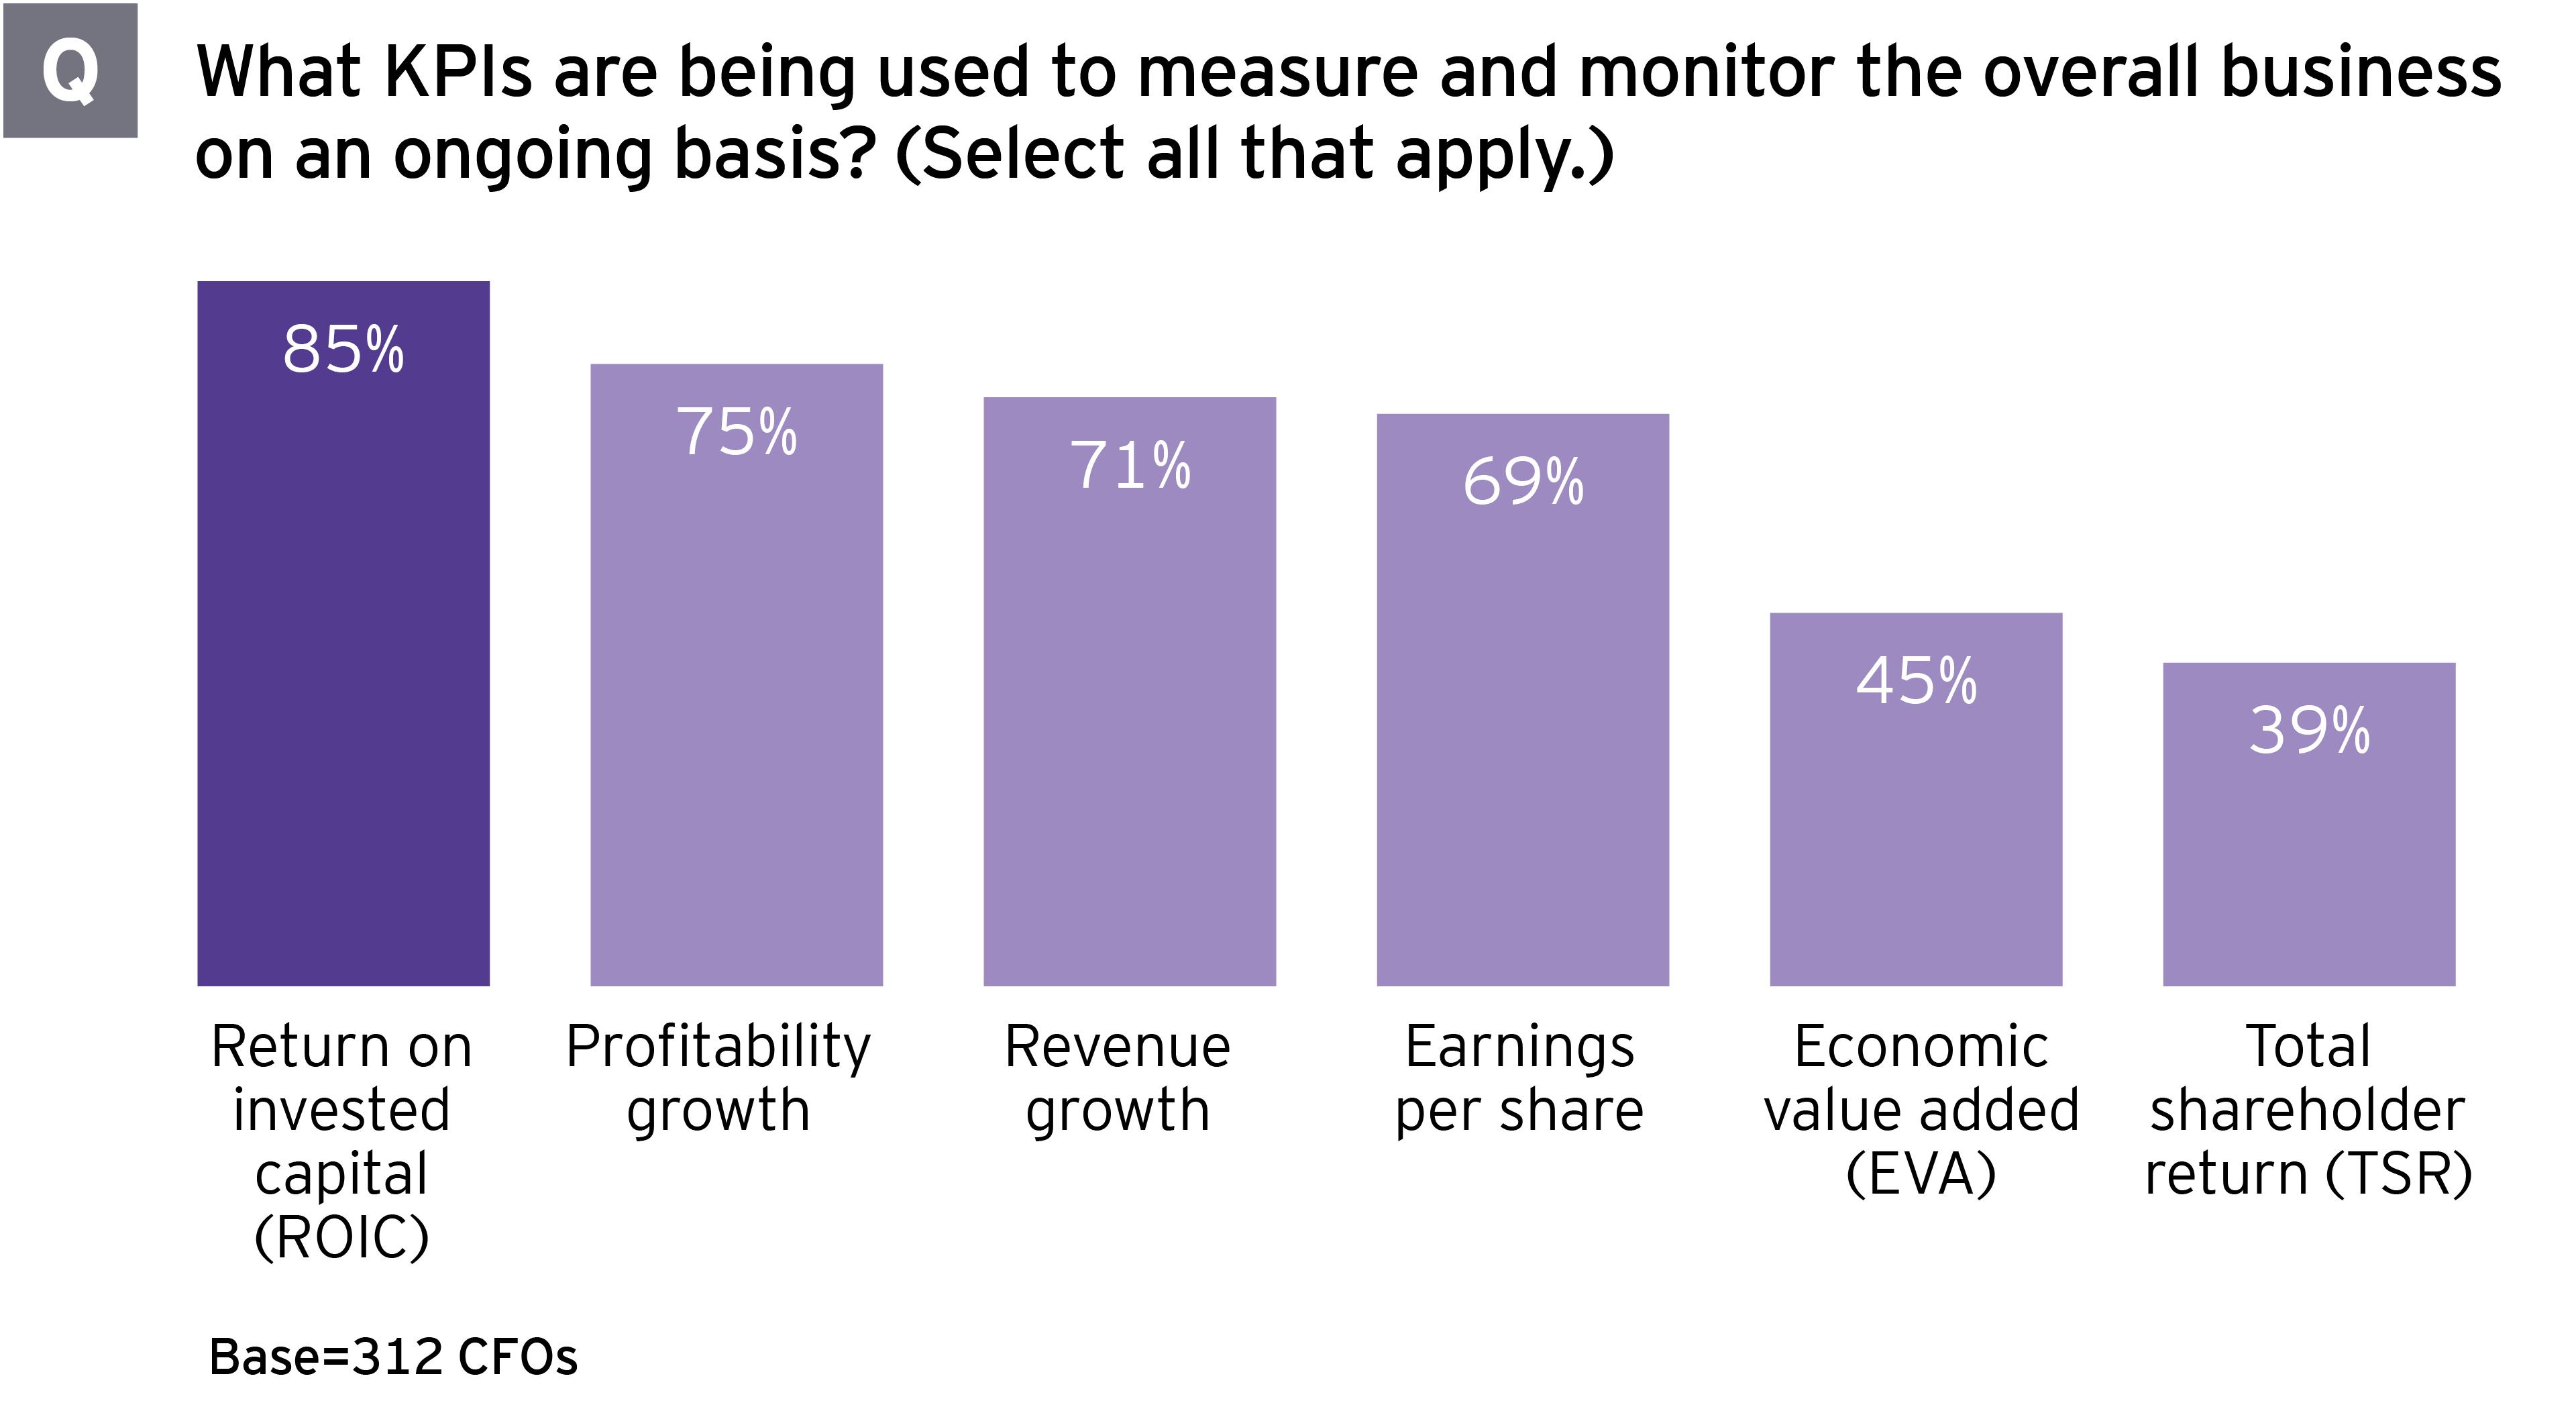 Portfolio review can guide CFO divestment decisions - Figure 2